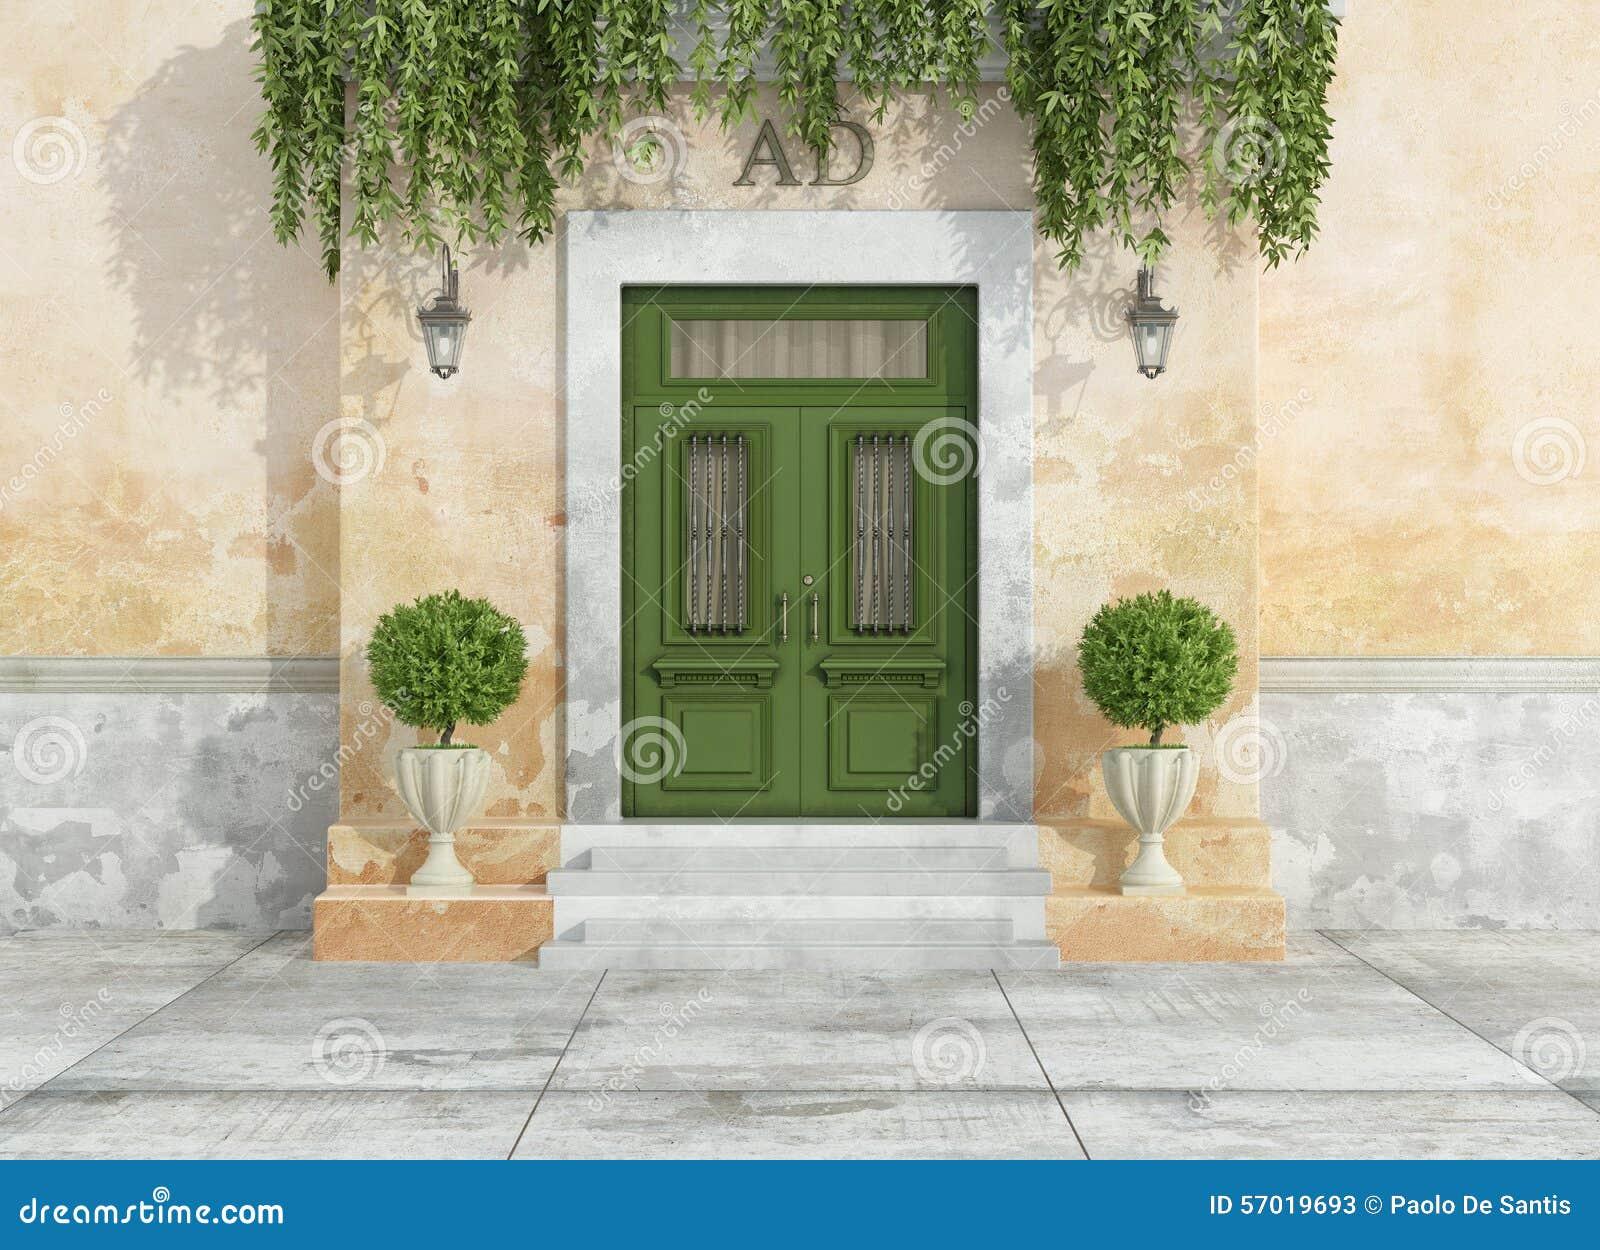 Outdoor entrance of a country house stock illustration - Entradas de casas de campo ...